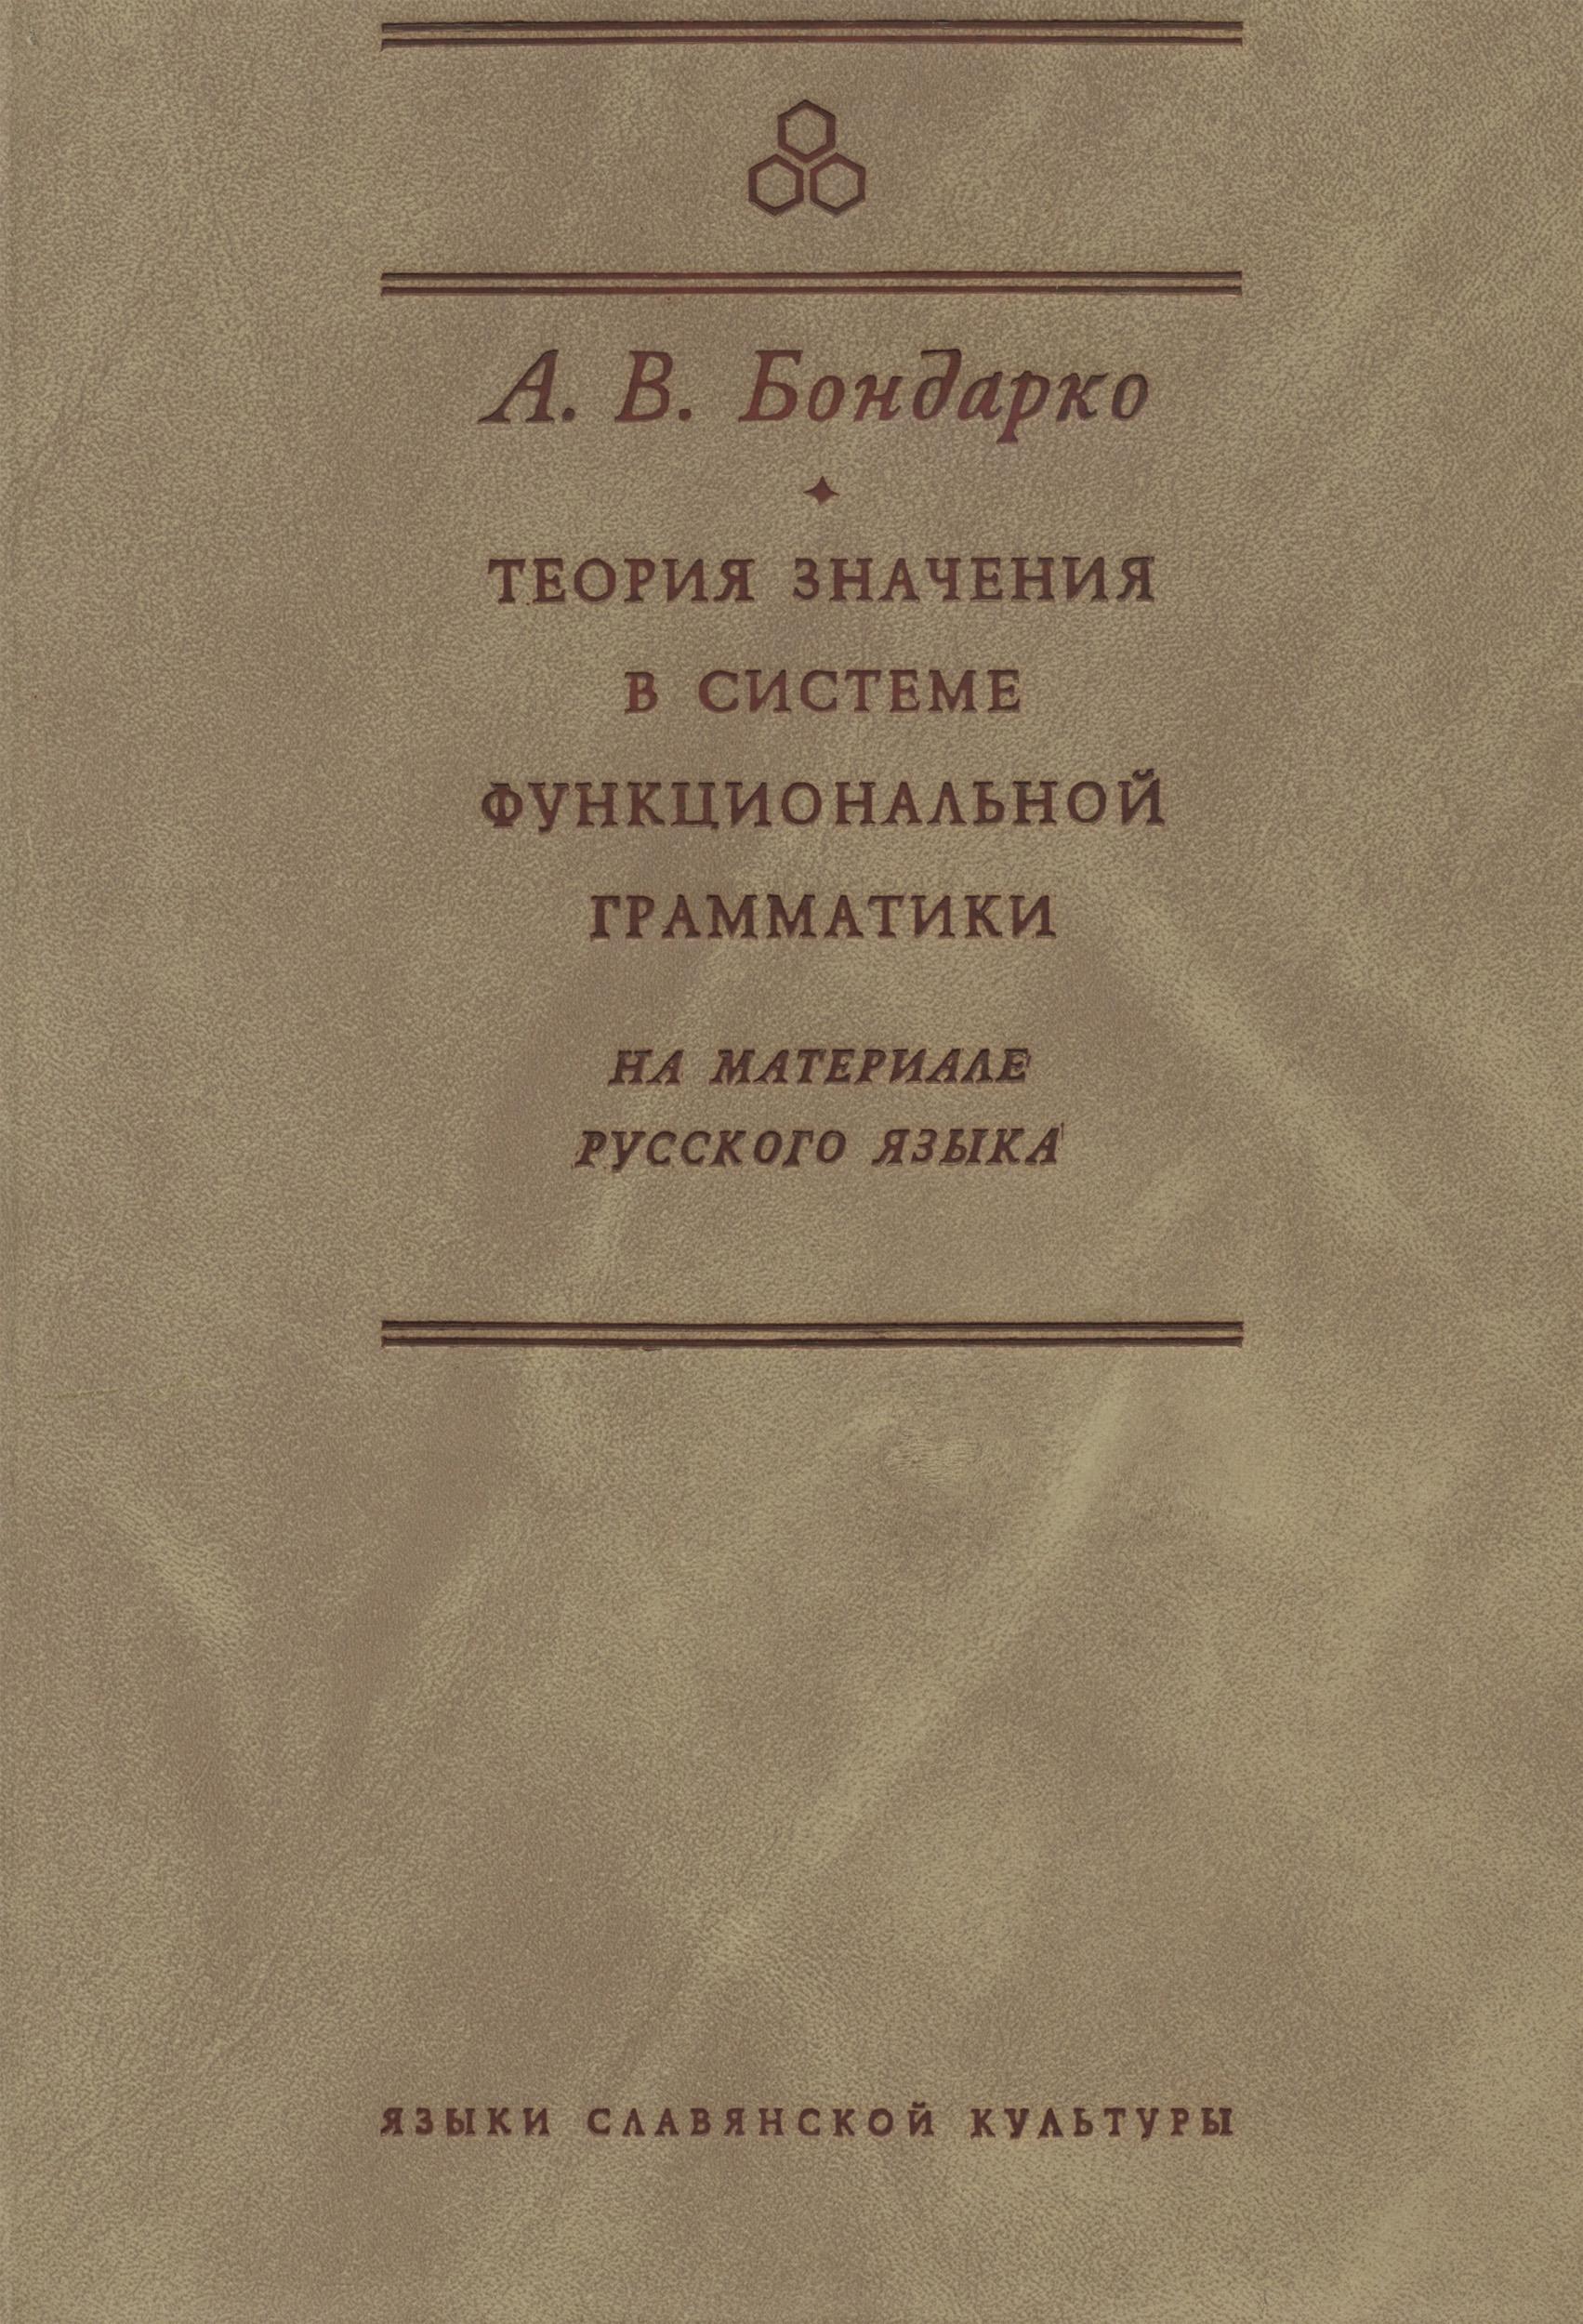 цена на А. В. Бондарко Теория значения в системе функциональной грамматики. На материале русского языка